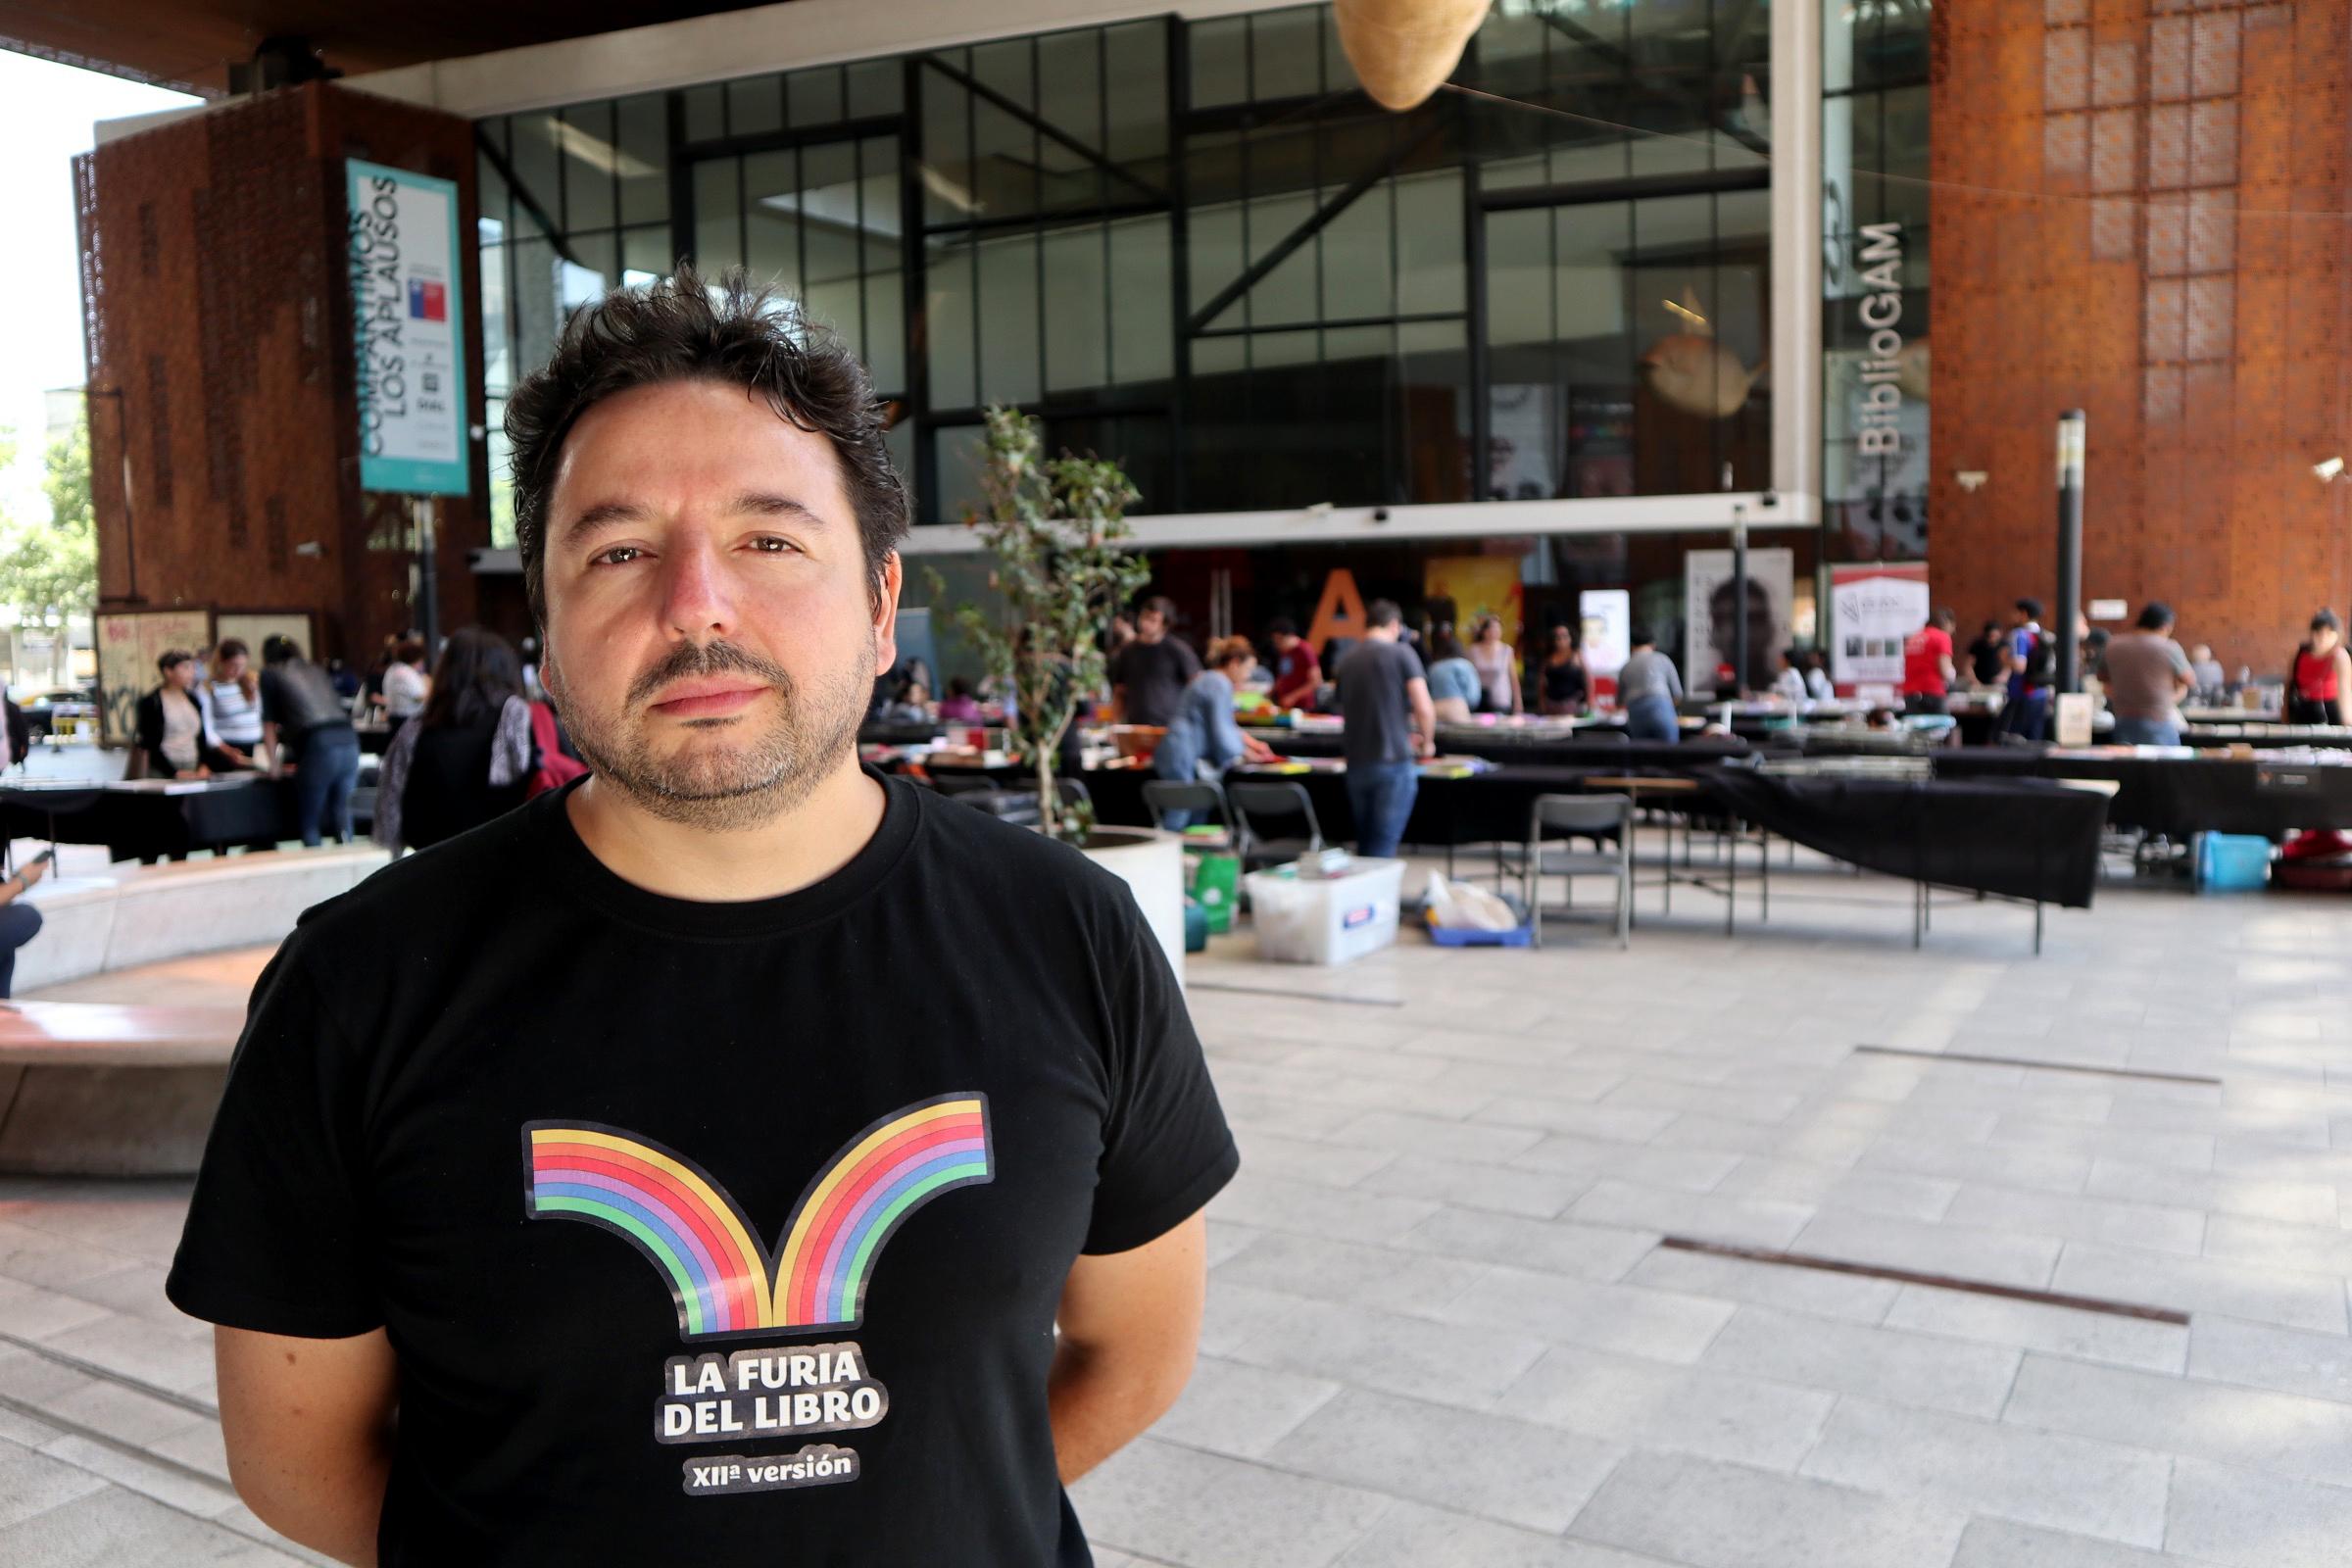 """""""Director de La Furia del Libro por alumnos que se niegan a leer a Lemebel:"""